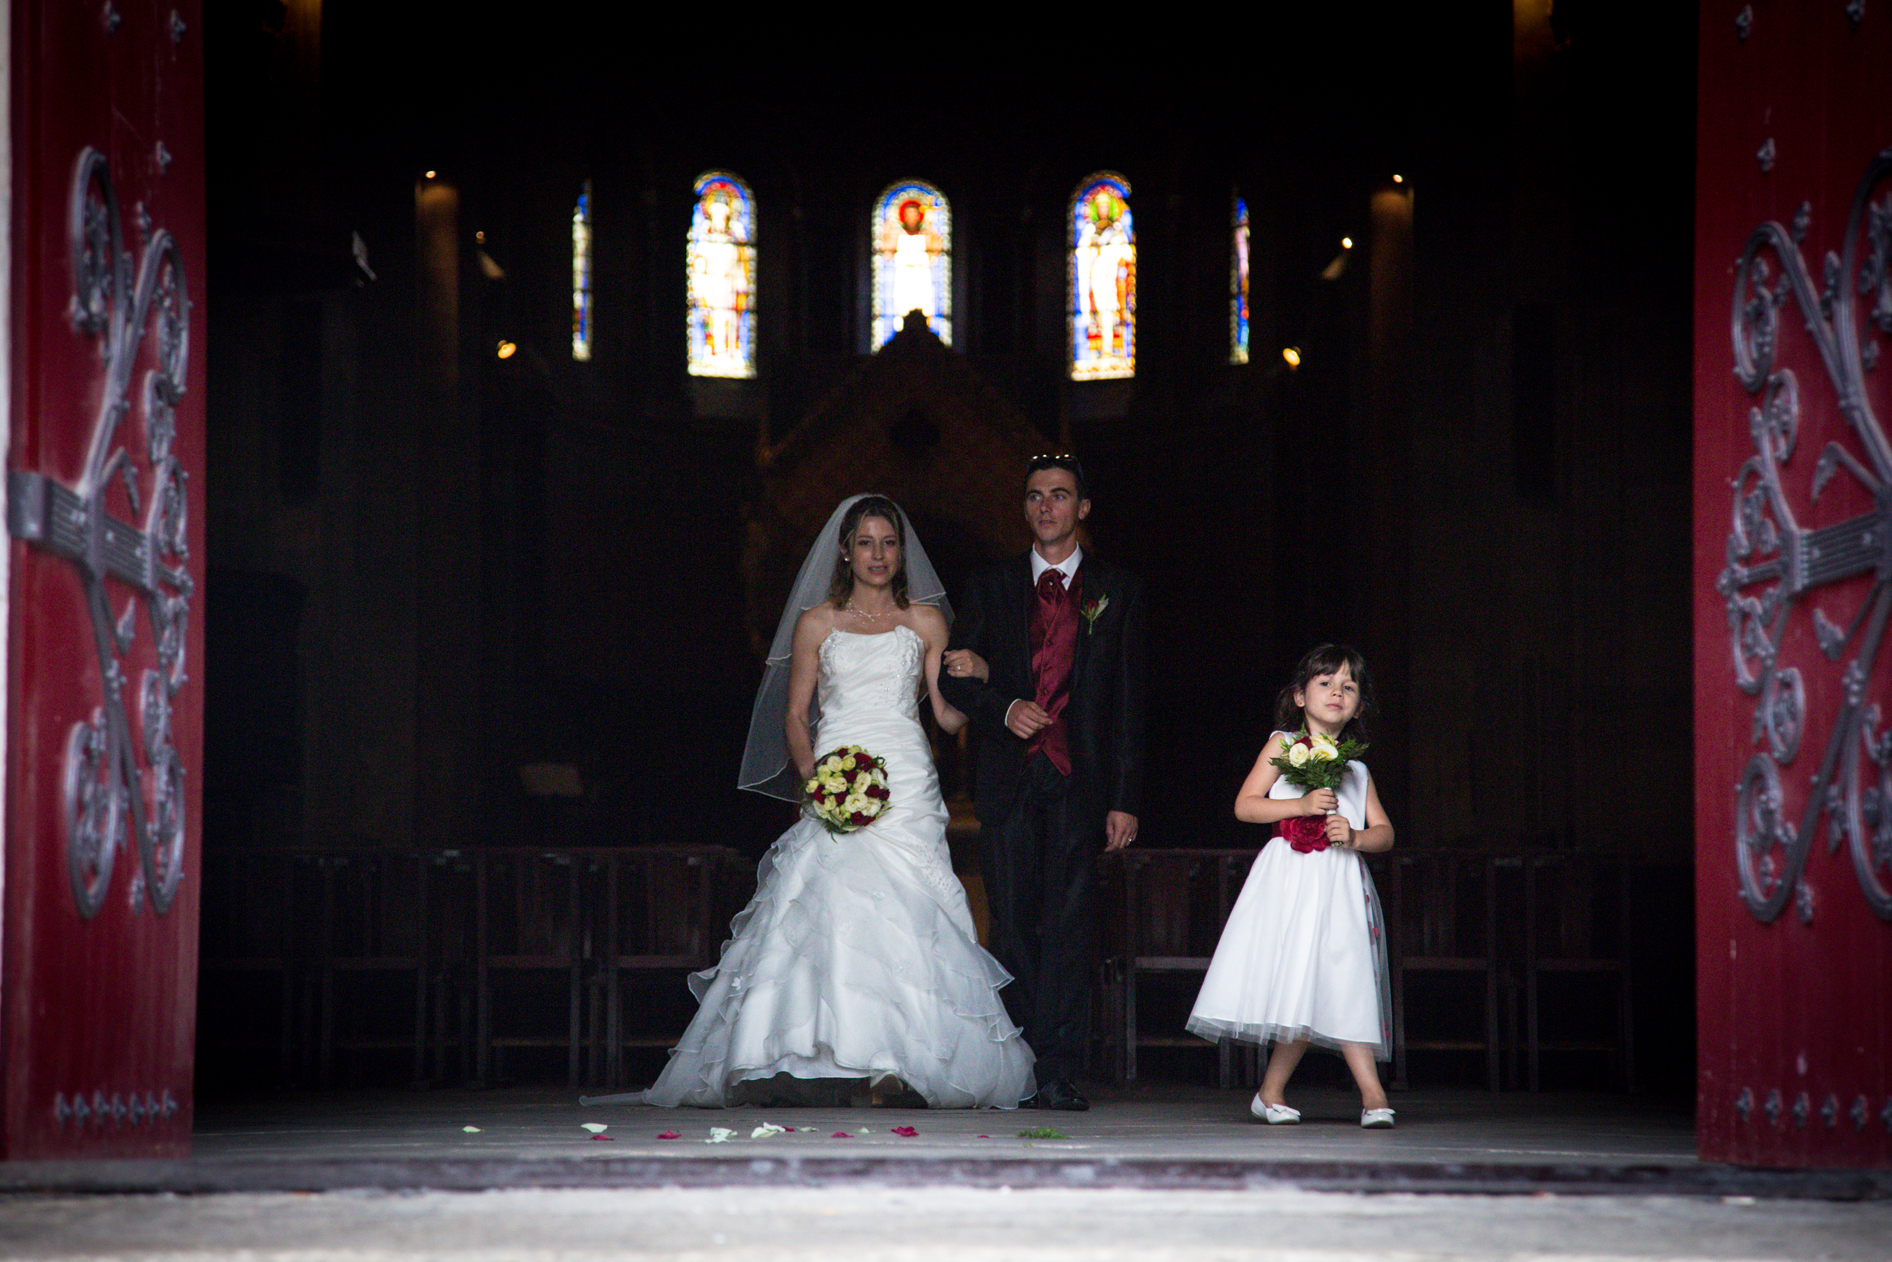 Photographe de mariage à Montpellier